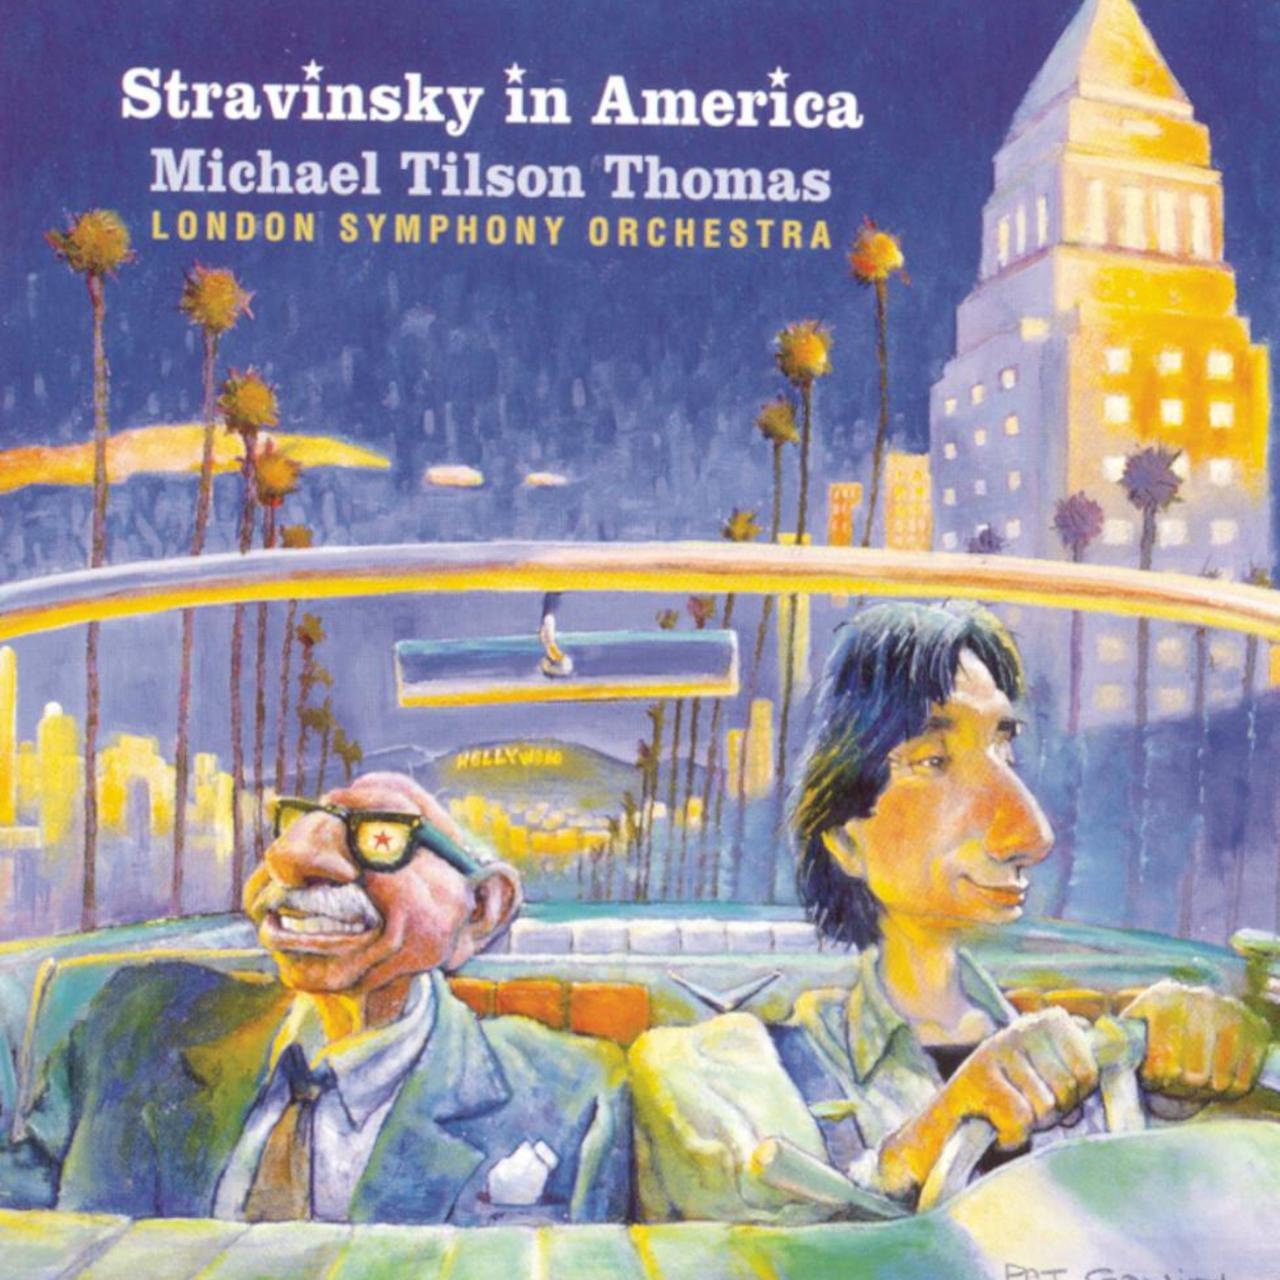 Tidal Listen To Stravinsky In America On Tidal